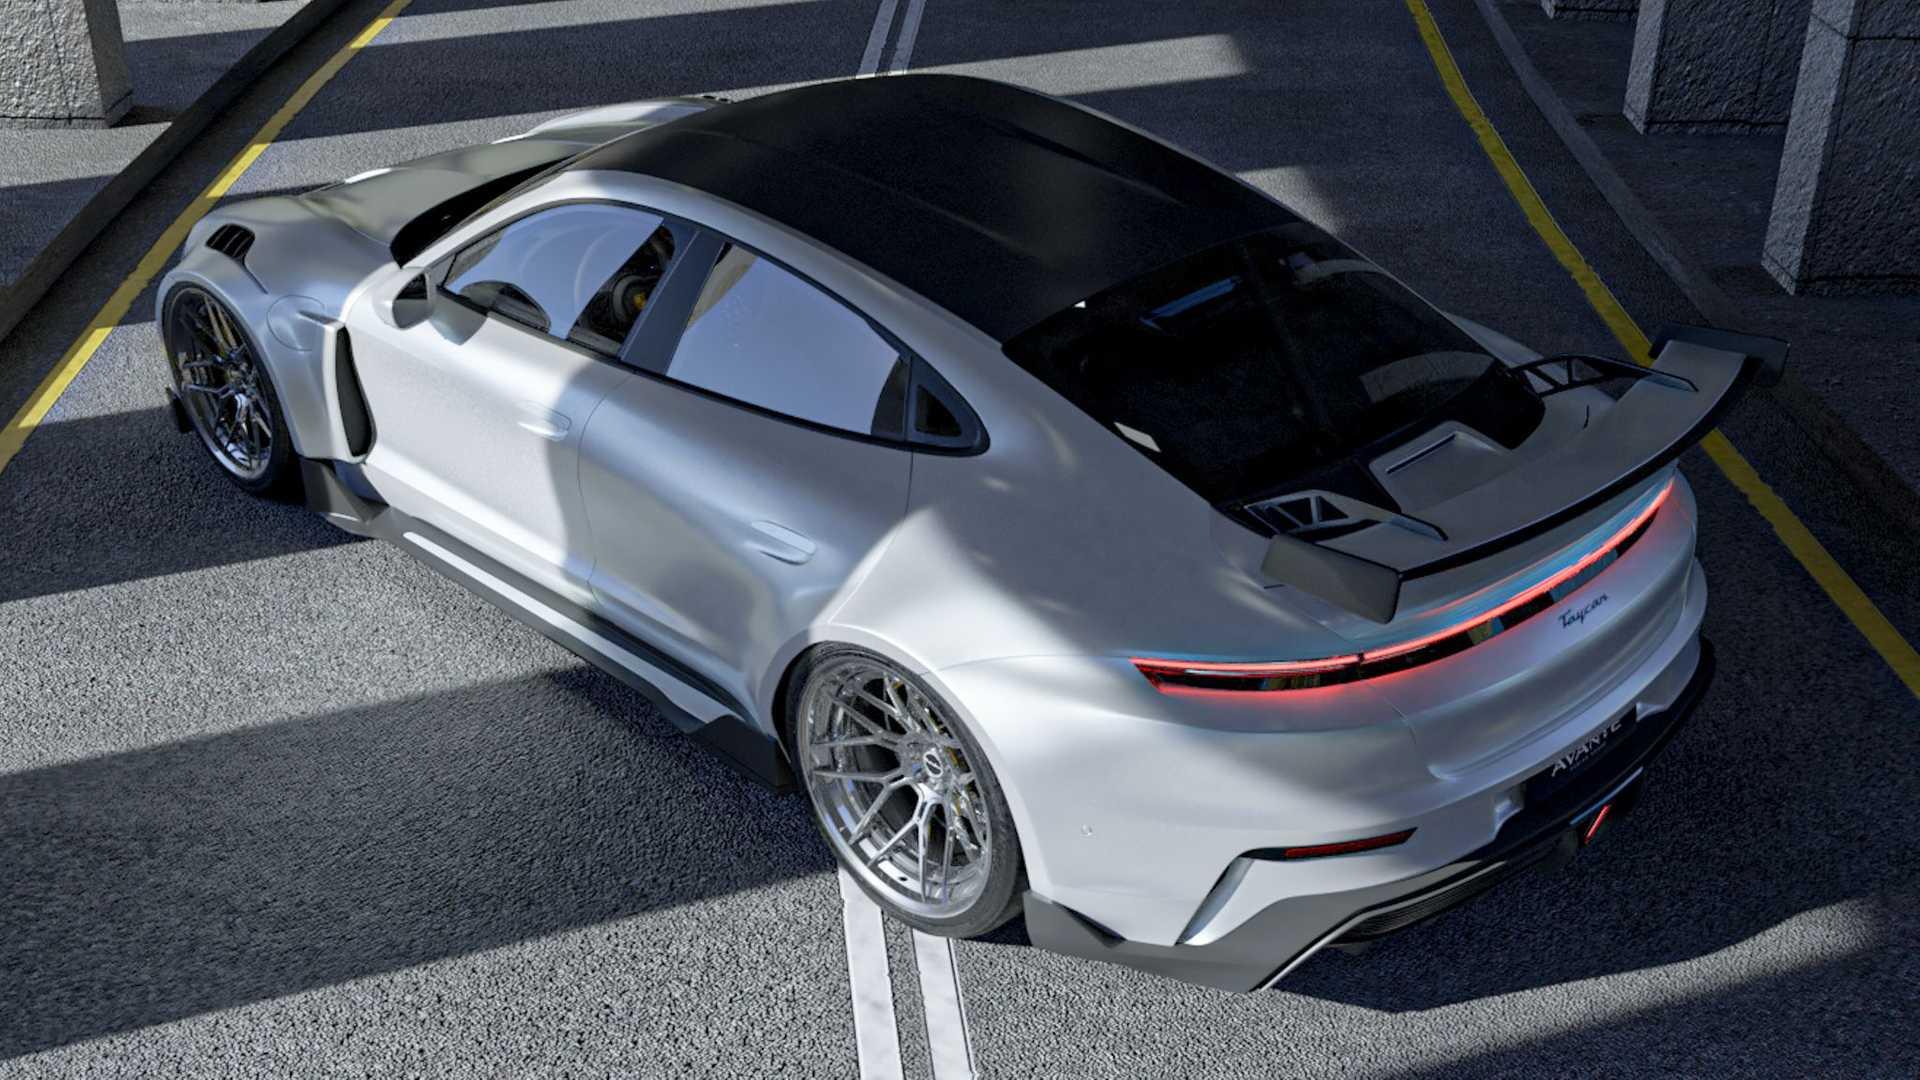 El Porsche Taycan de Avante Design es uno de los más radicales que conocemos